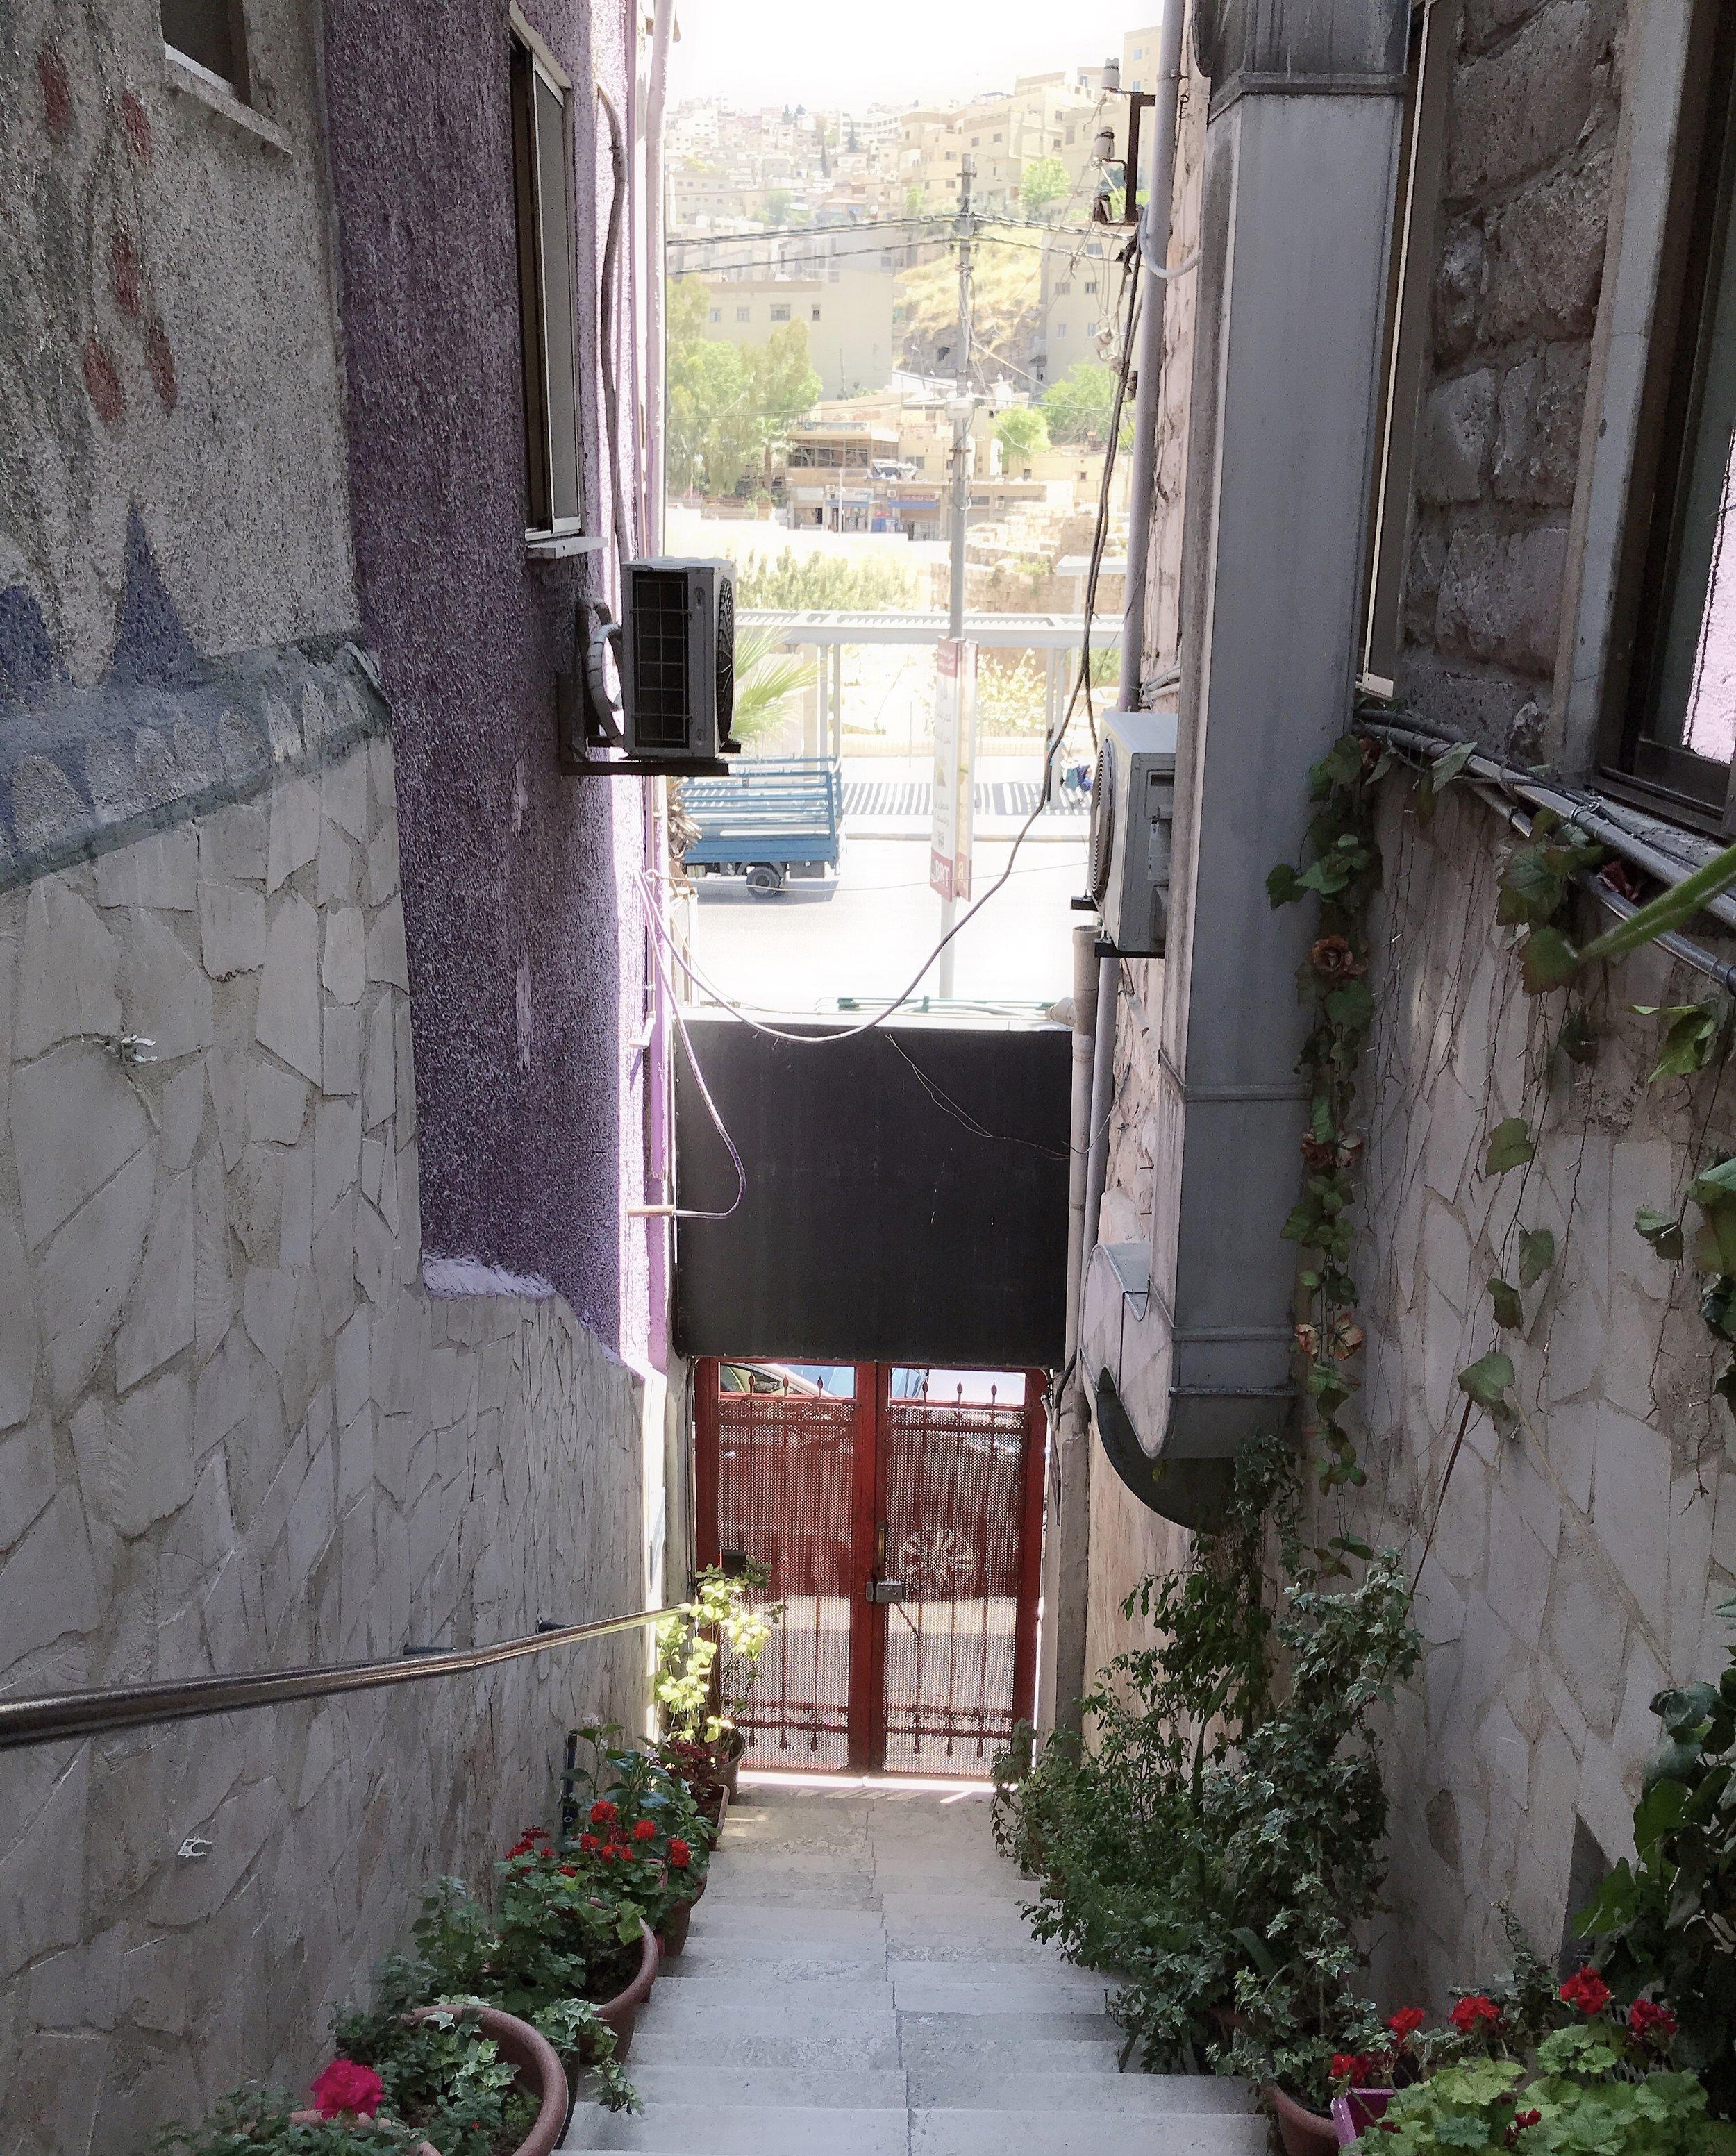 从台阶上往下看旅馆的正门:一个红色铁门。铁门外就是Hashemi街。